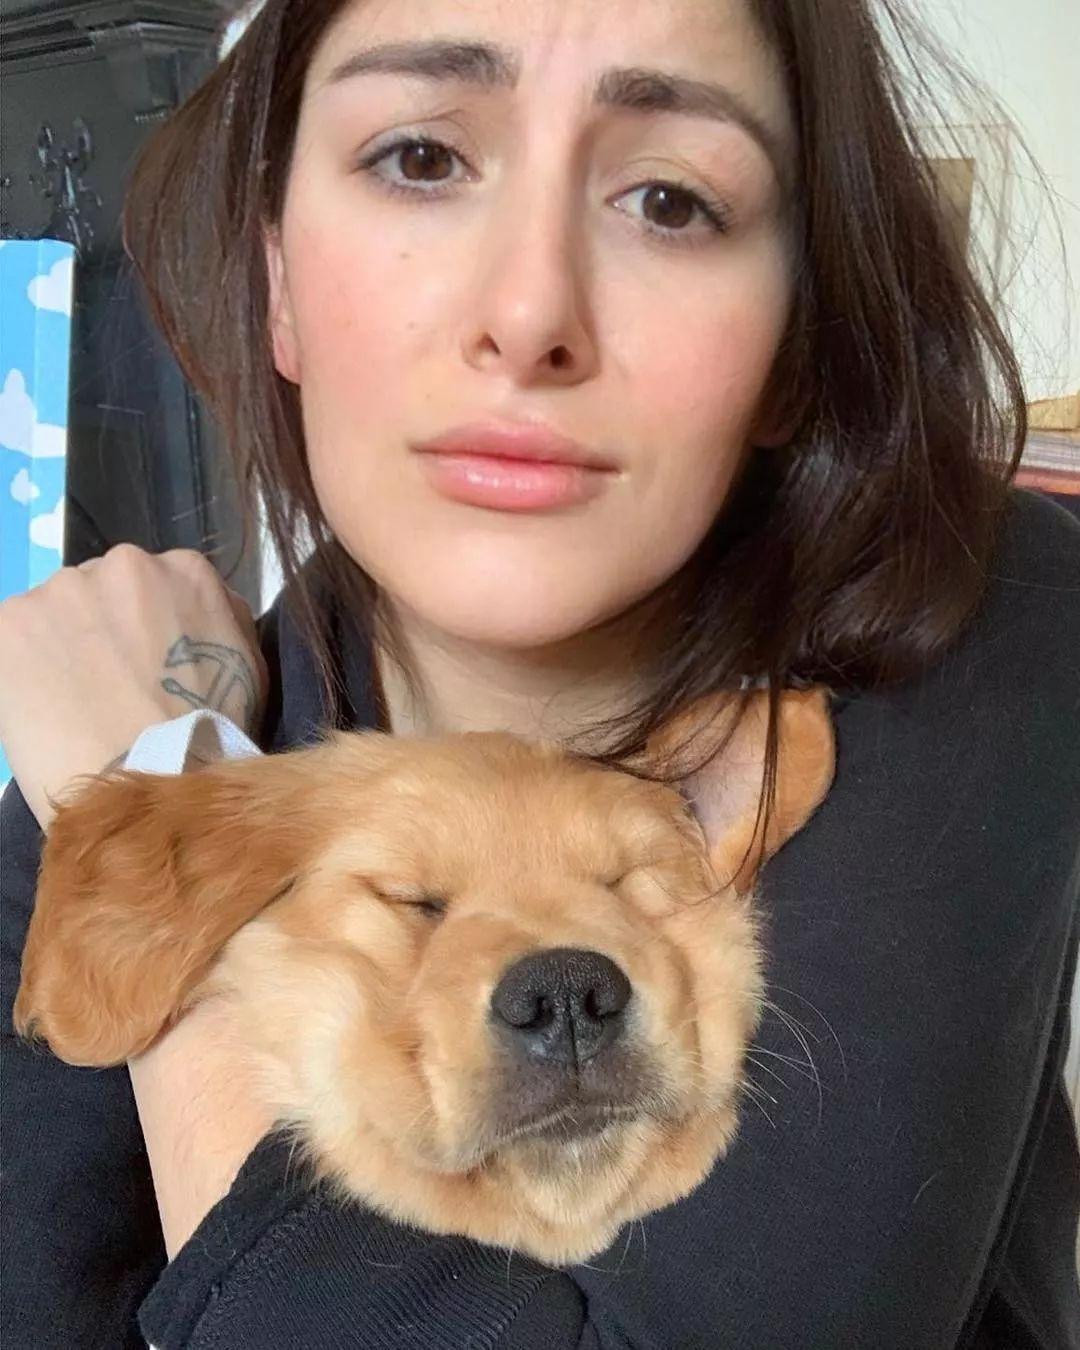 女网友在线求助:我家狗对我好霸道,怎么办?